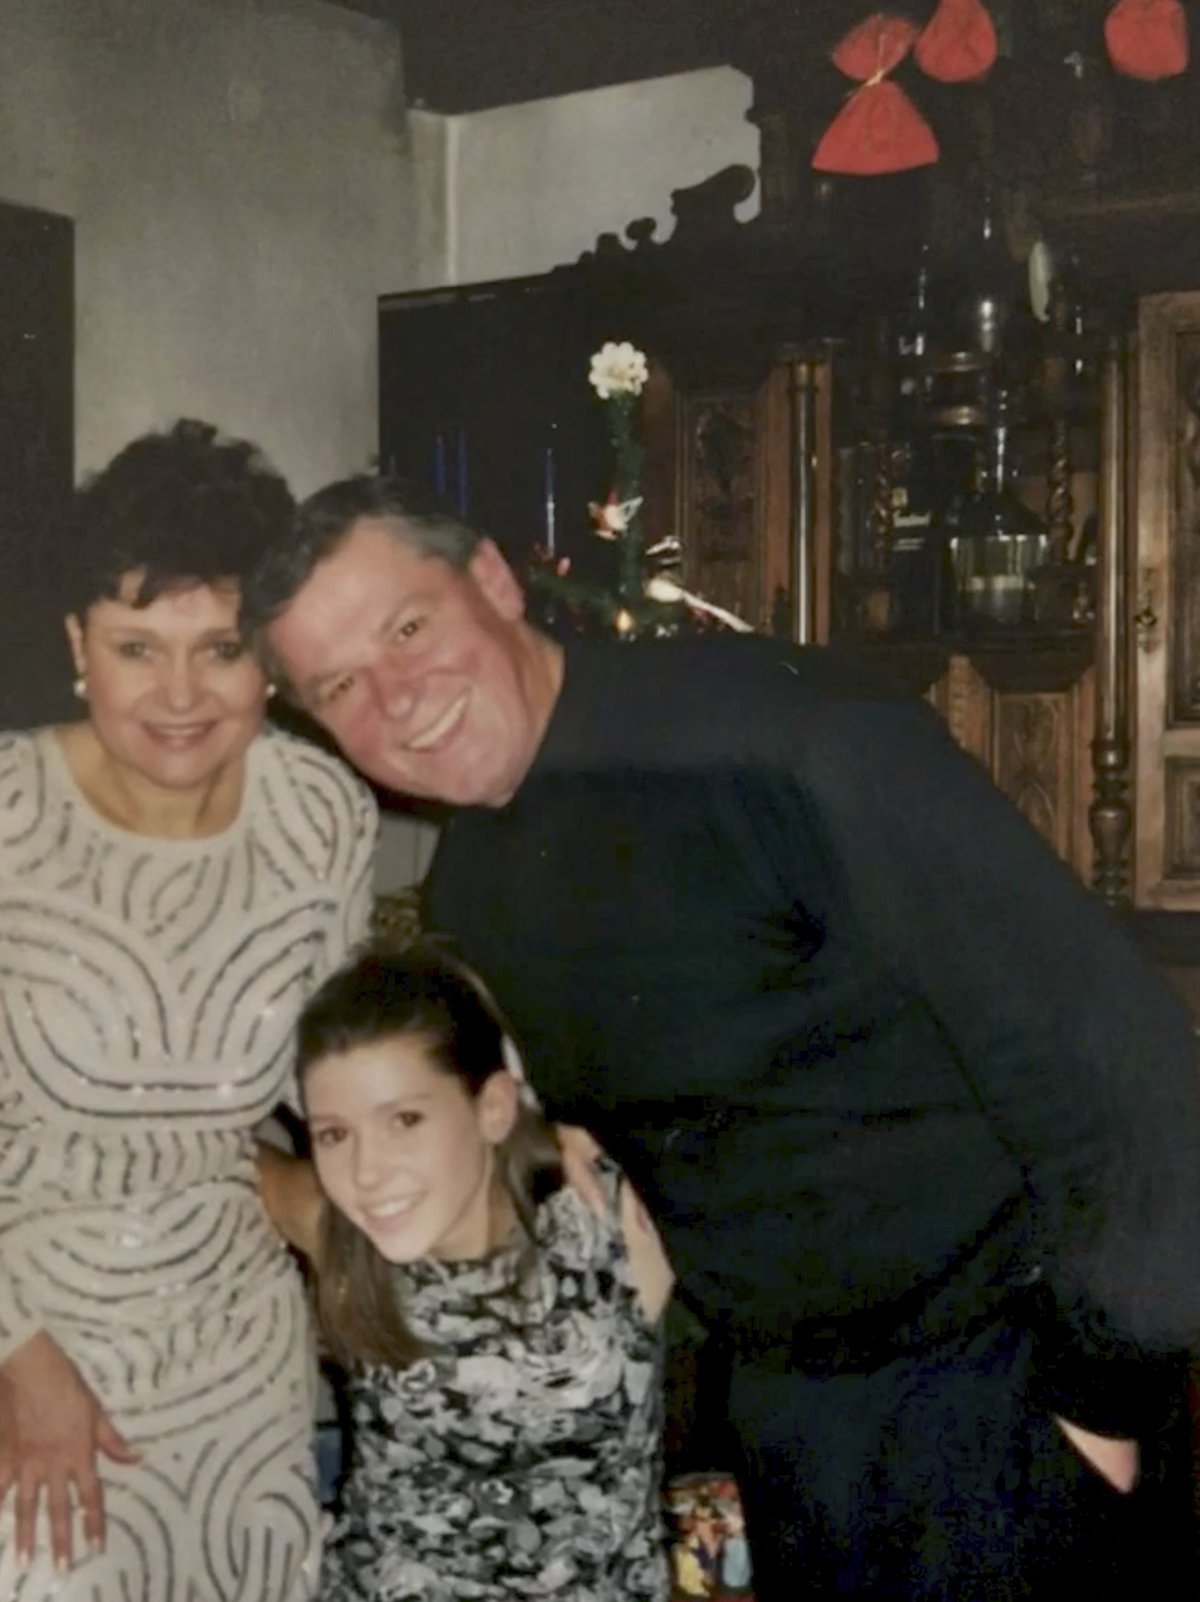 Táta přes rok zpíval na lodi, ale na Vánoce byl vždy doma.